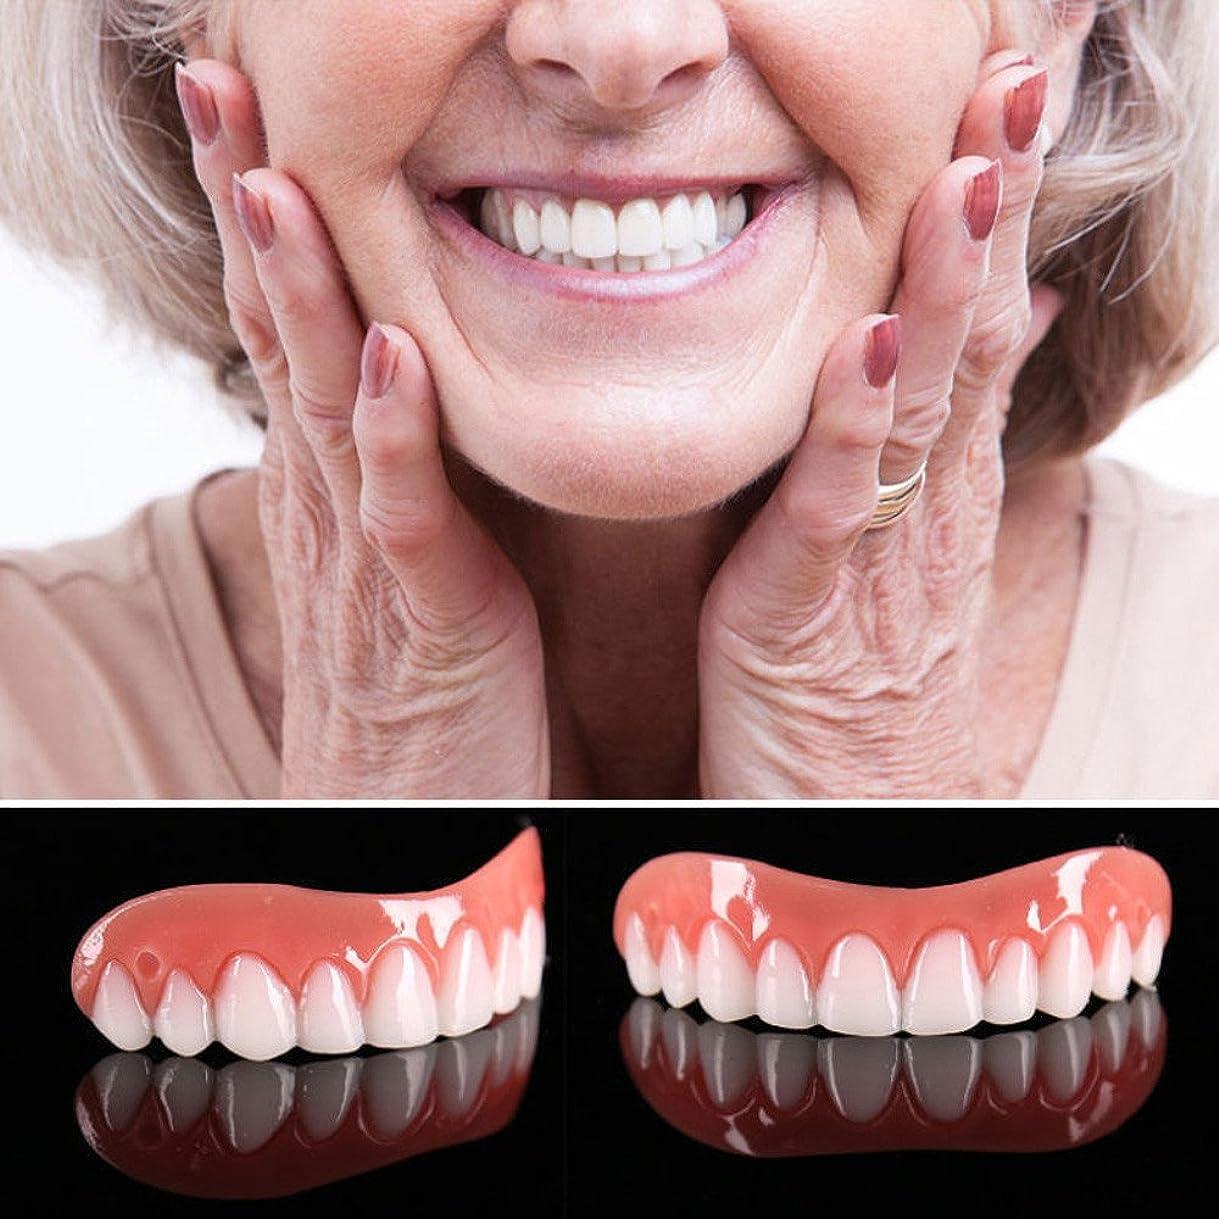 5ピースアッパーフェイク歯科用ベニアコンフォートフィット歯トップ化粧品ベニアワンサイズフィットすべての義歯接着剤歯偽義歯歯笑顔